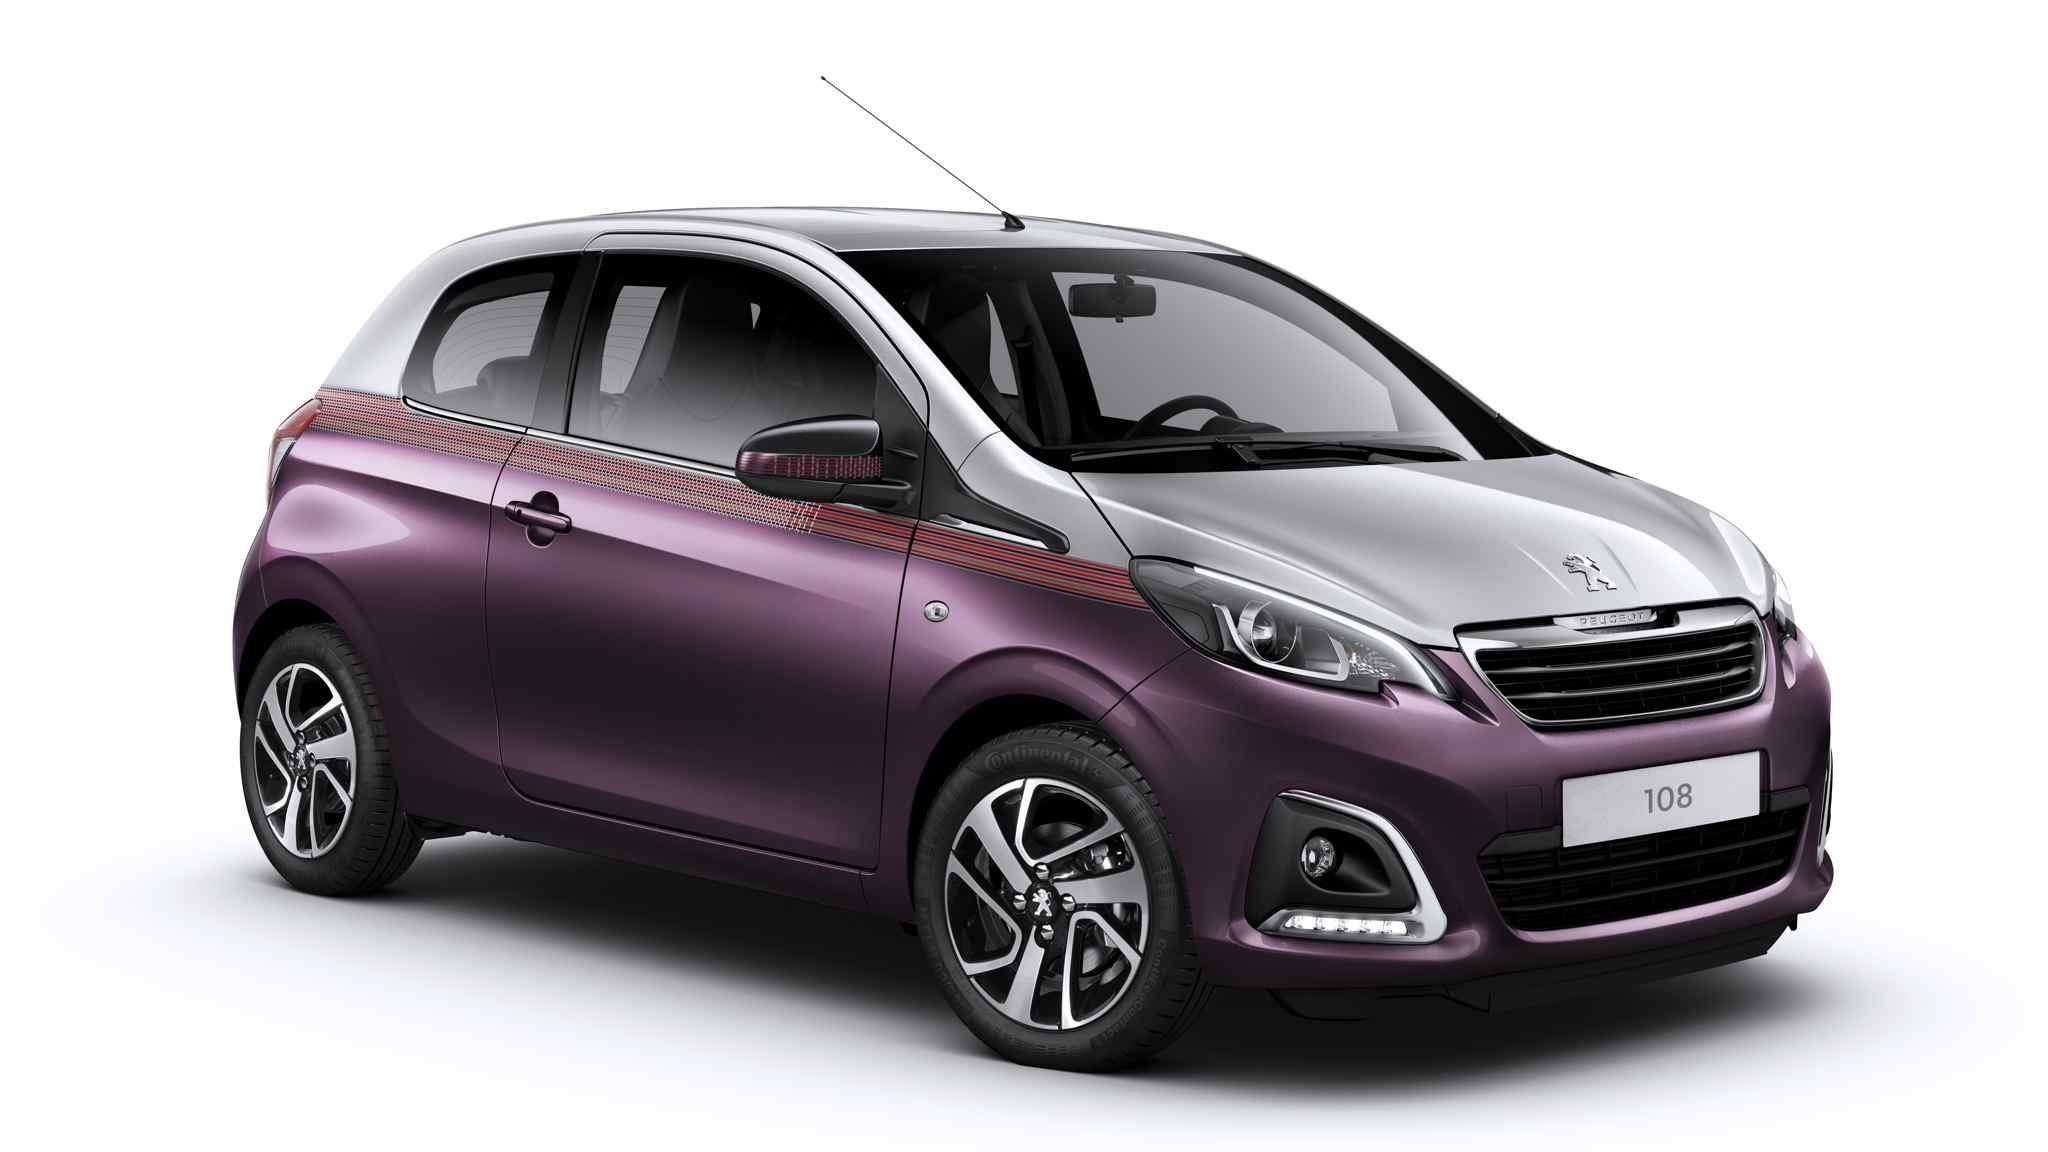 AMI 2014: Preise für den Peugeot 108 beginnen bei 11.800 Euro